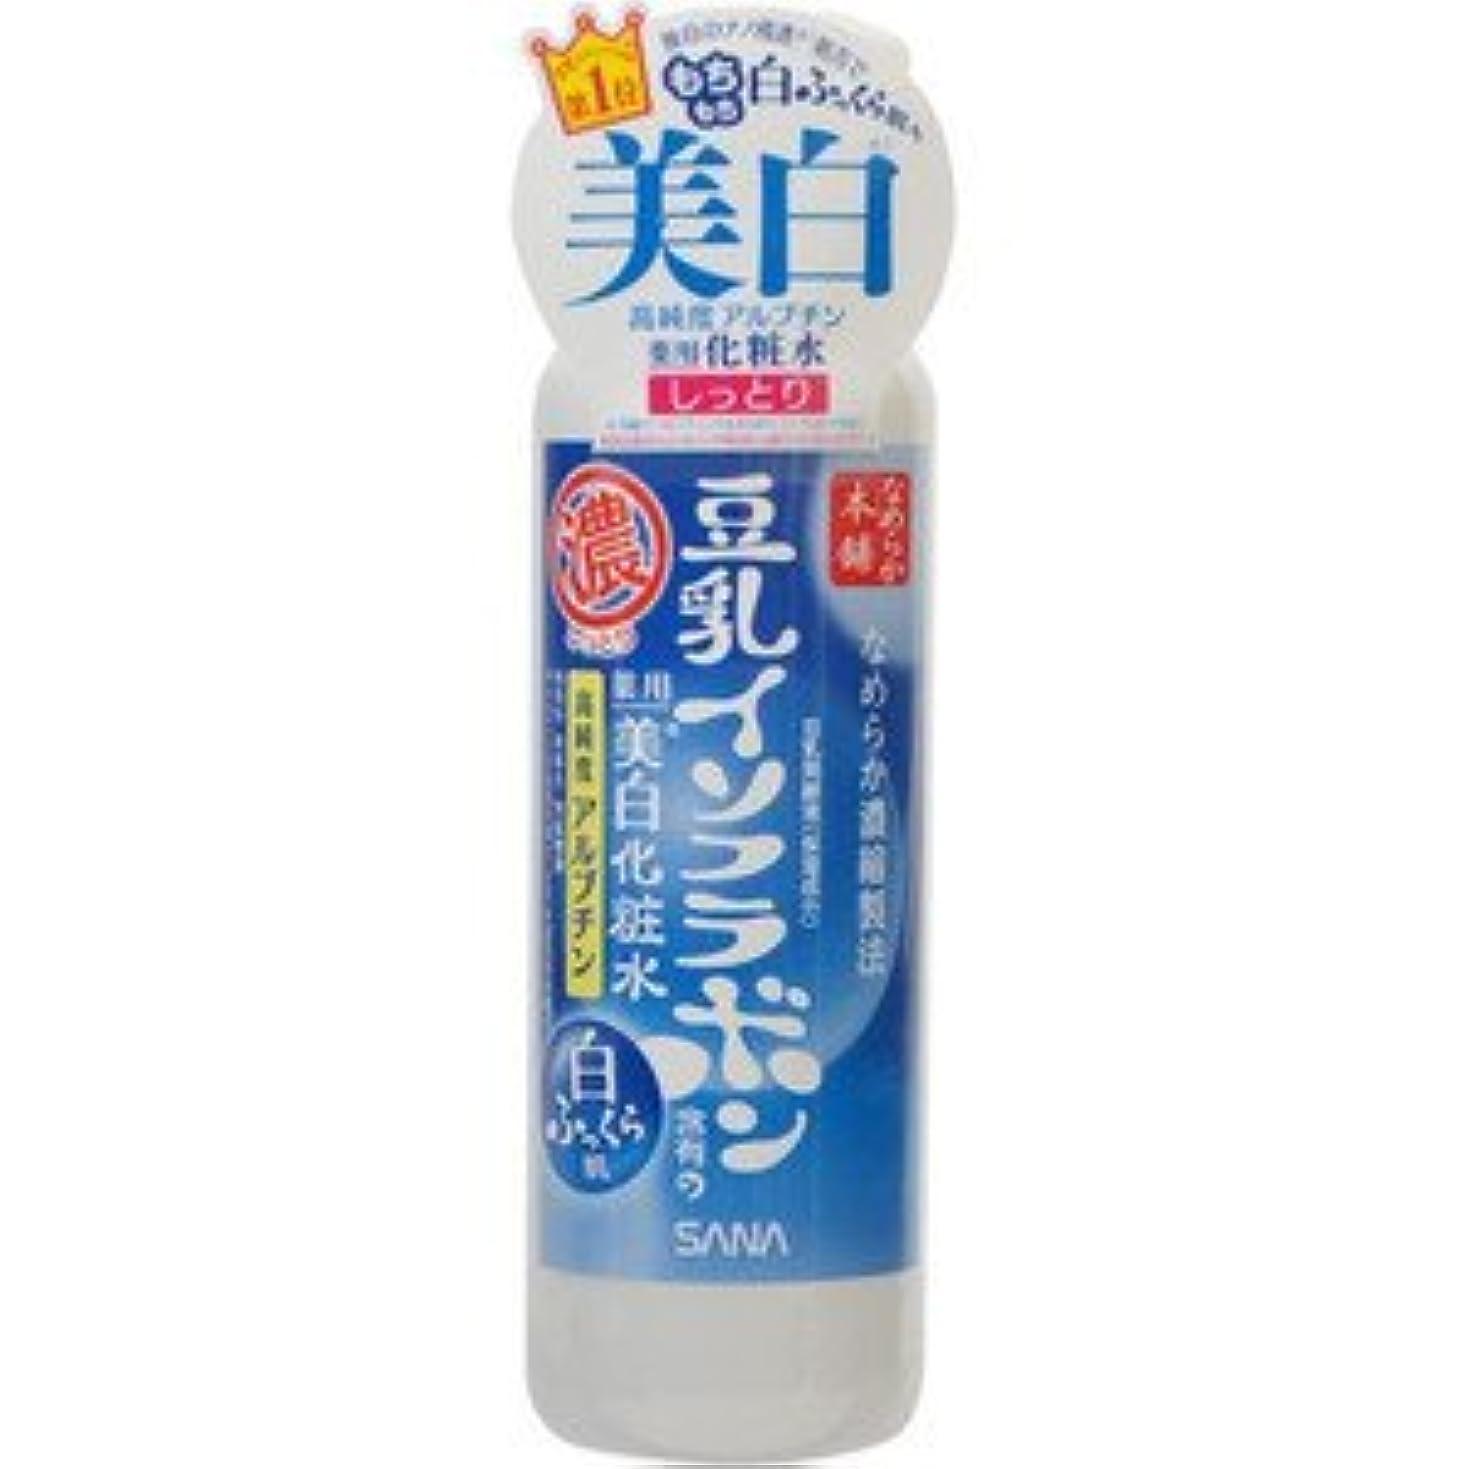 代わって屋内敵対的サナ なめらか本舗 薬用美白しっとり化粧水 × 10個セット